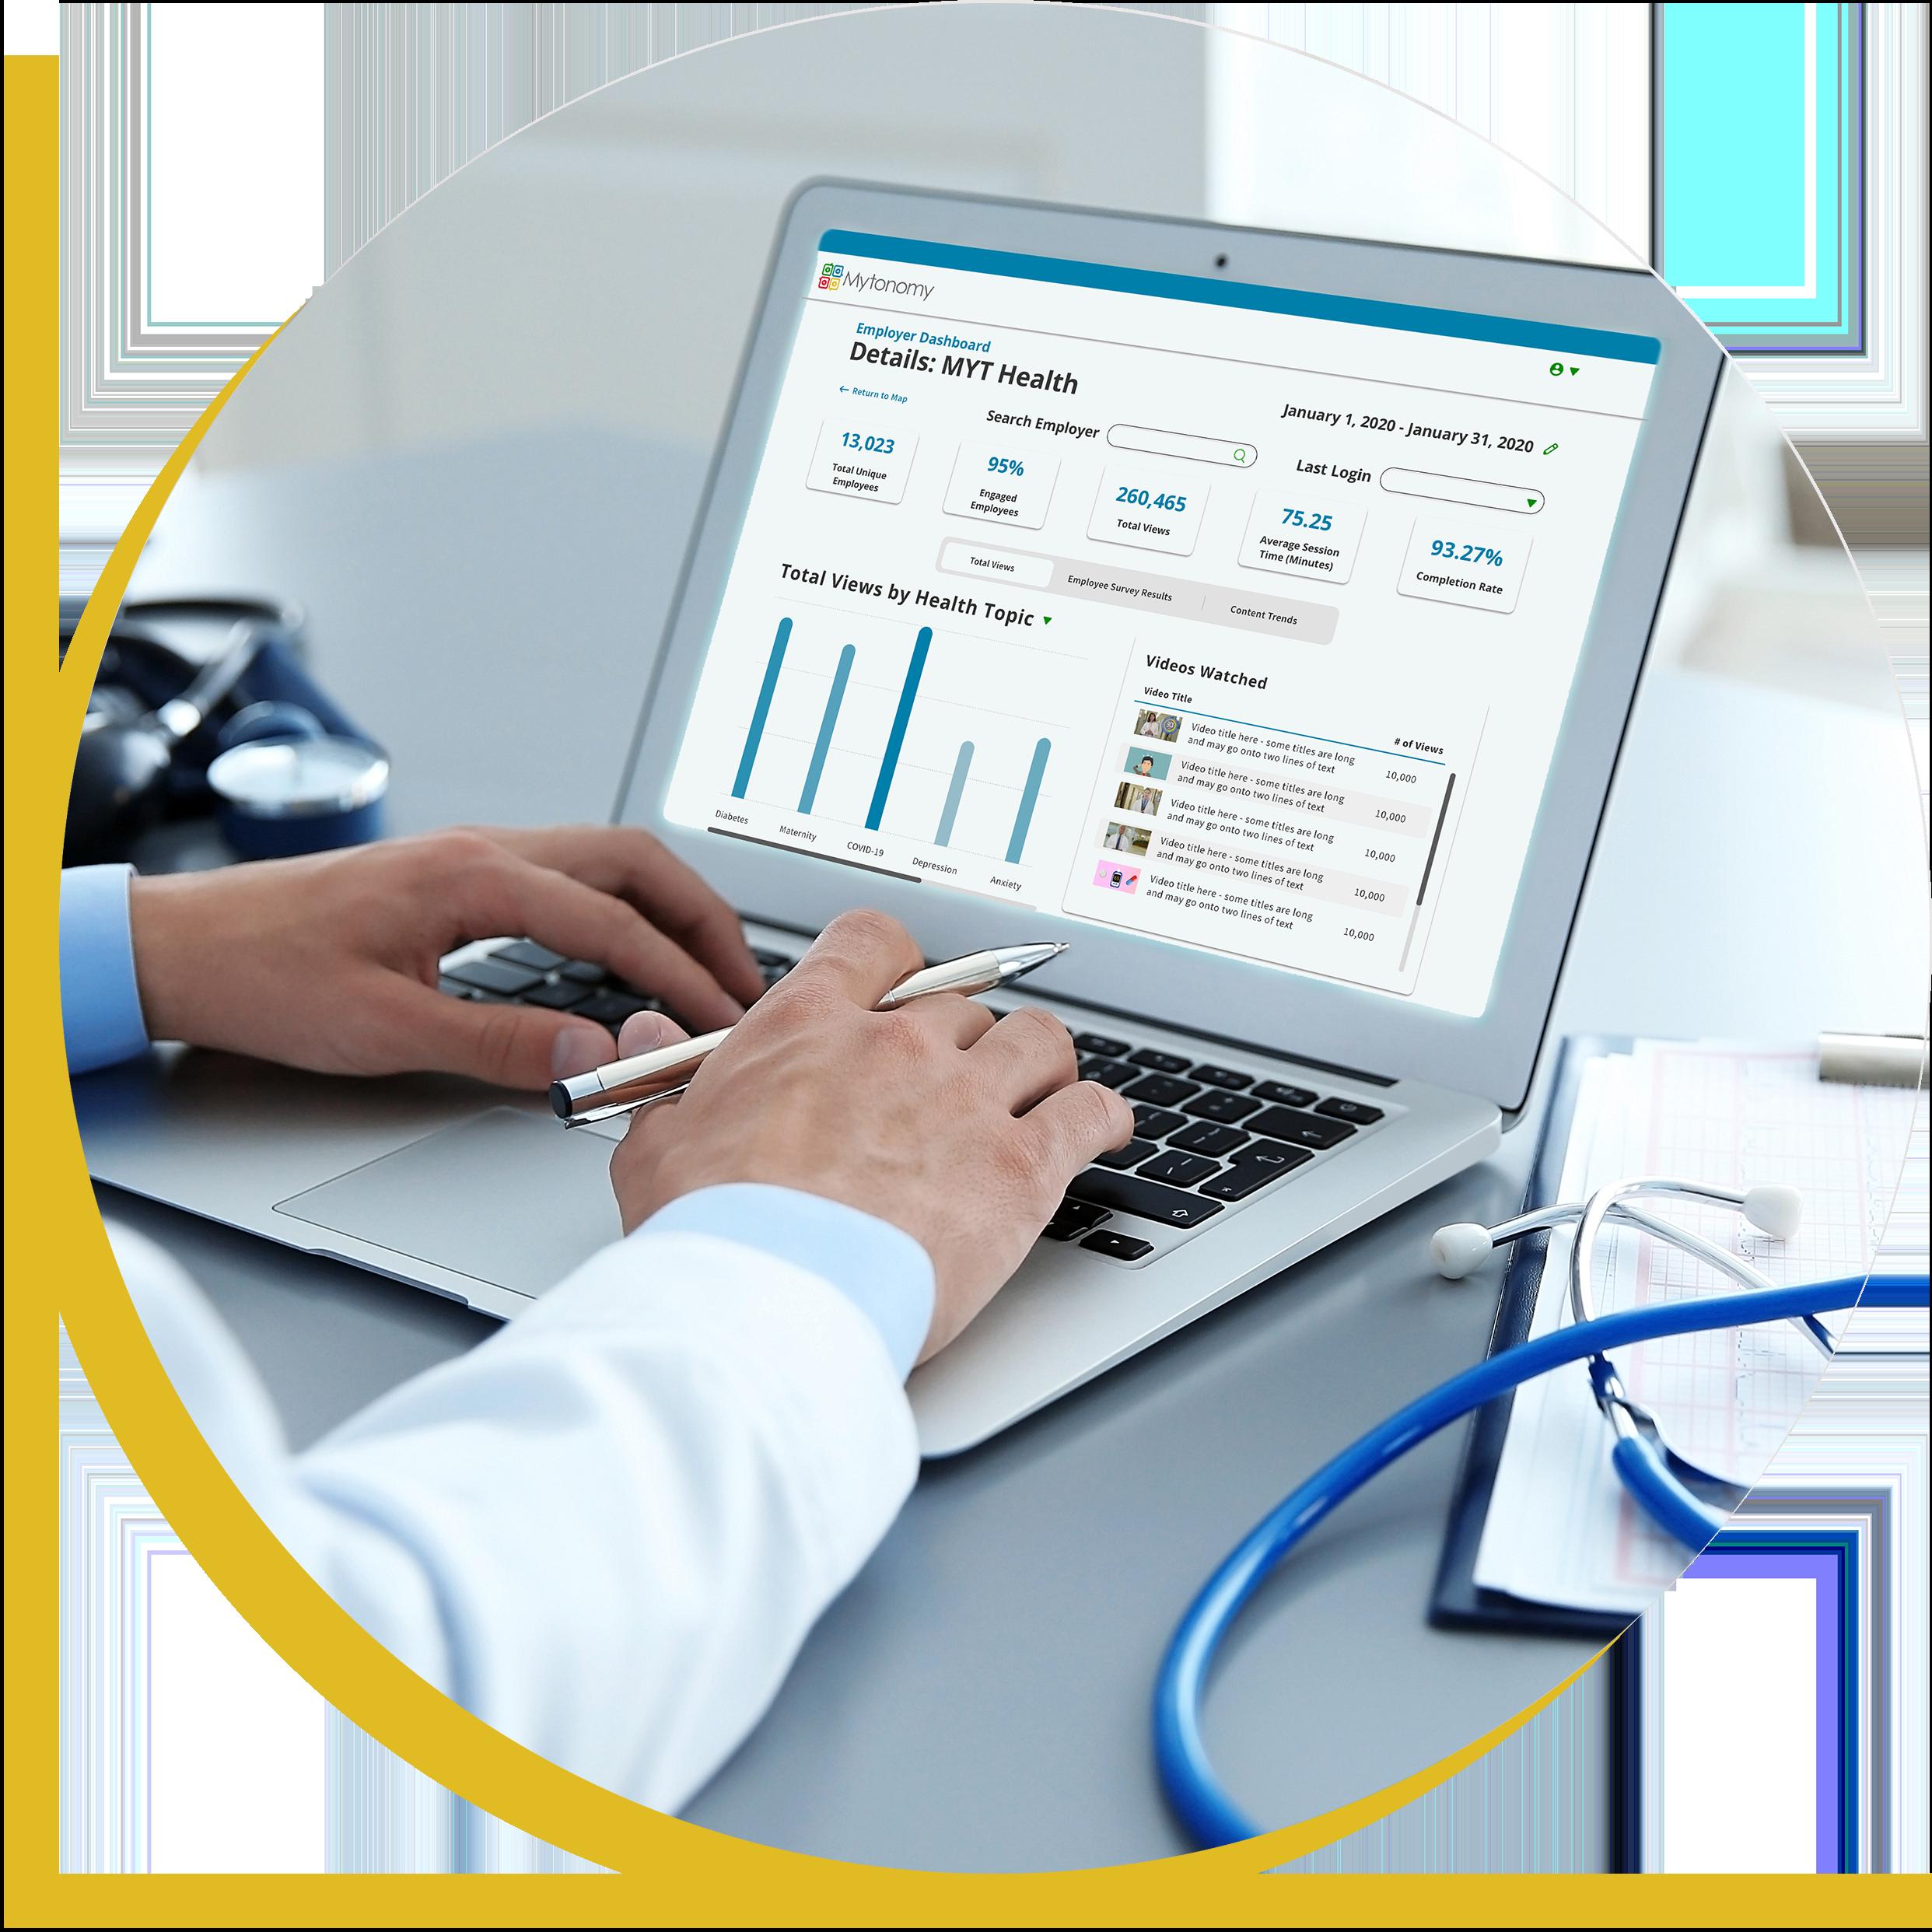 analytics cloud_doctor computer